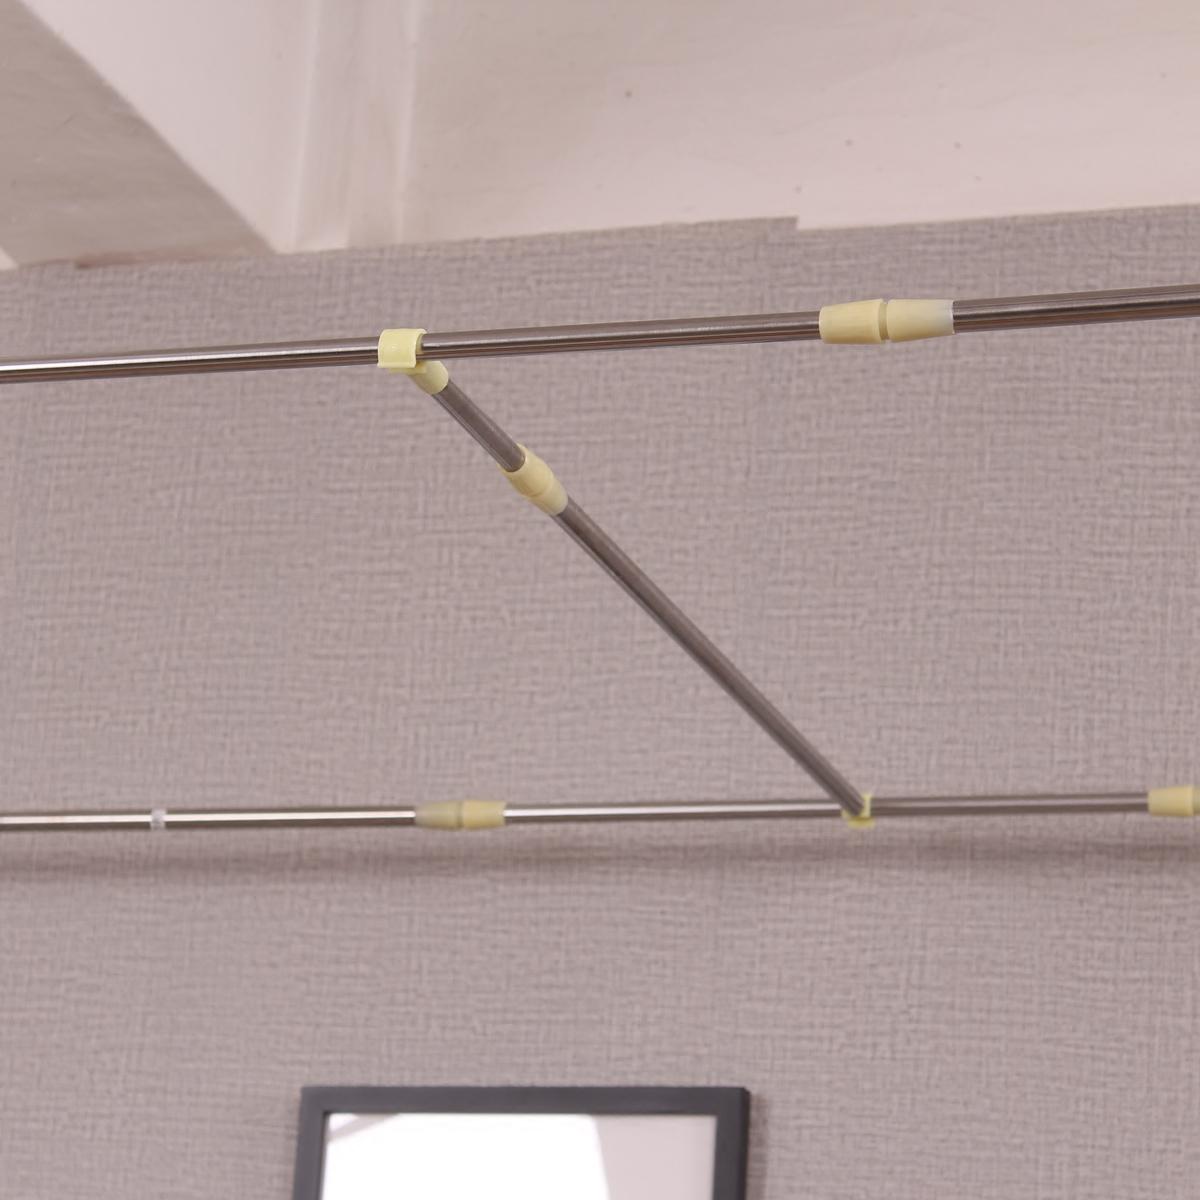 学生宿舍蚊帐/床帘支架单人床寝室上下铺不锈钢杆子